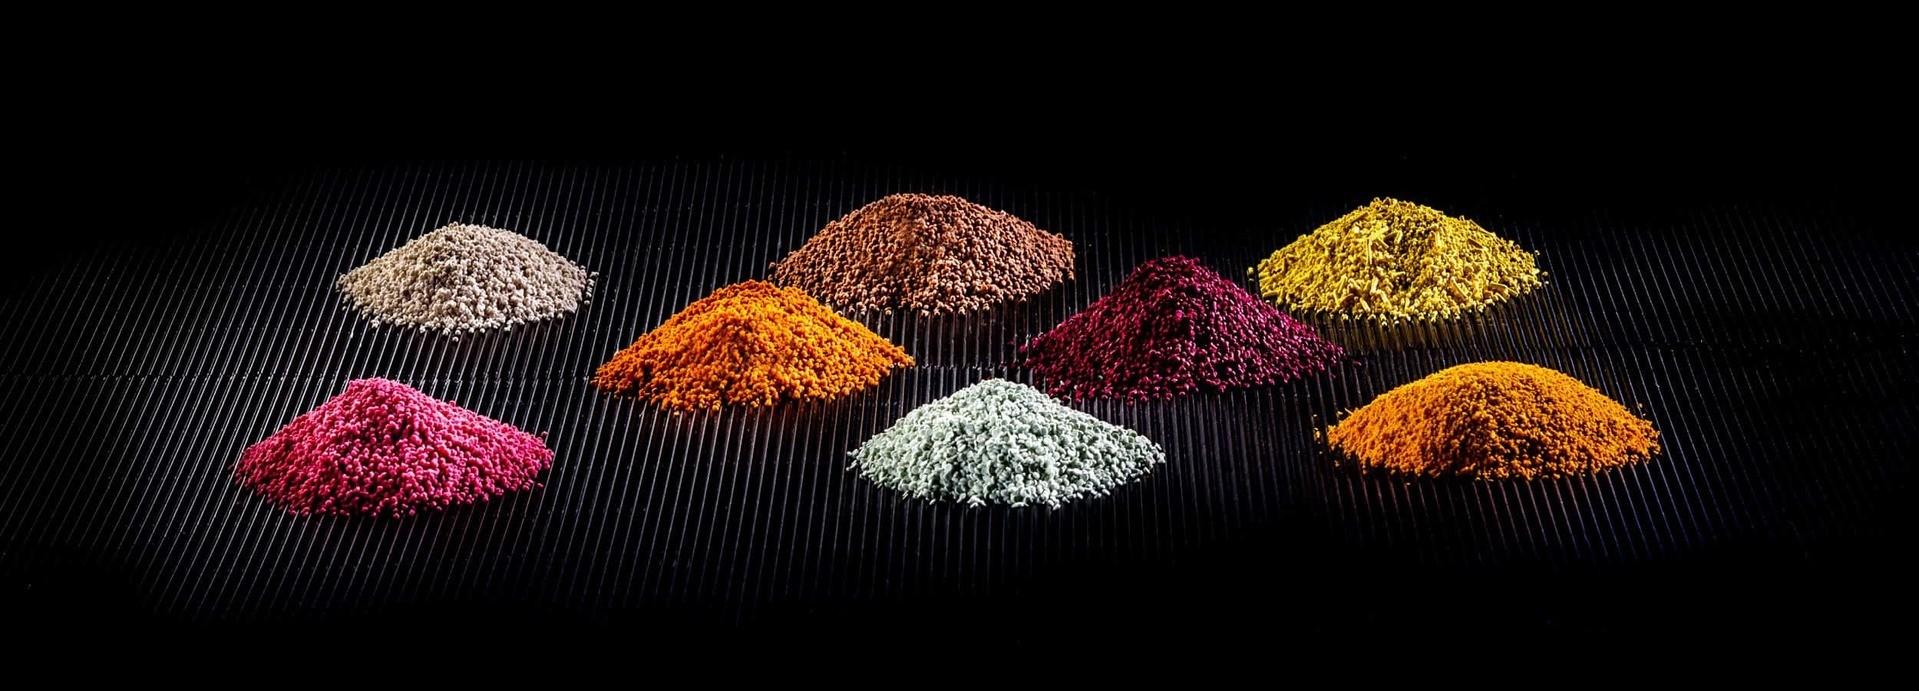 Massgeschneiderte Mikronährstoffe